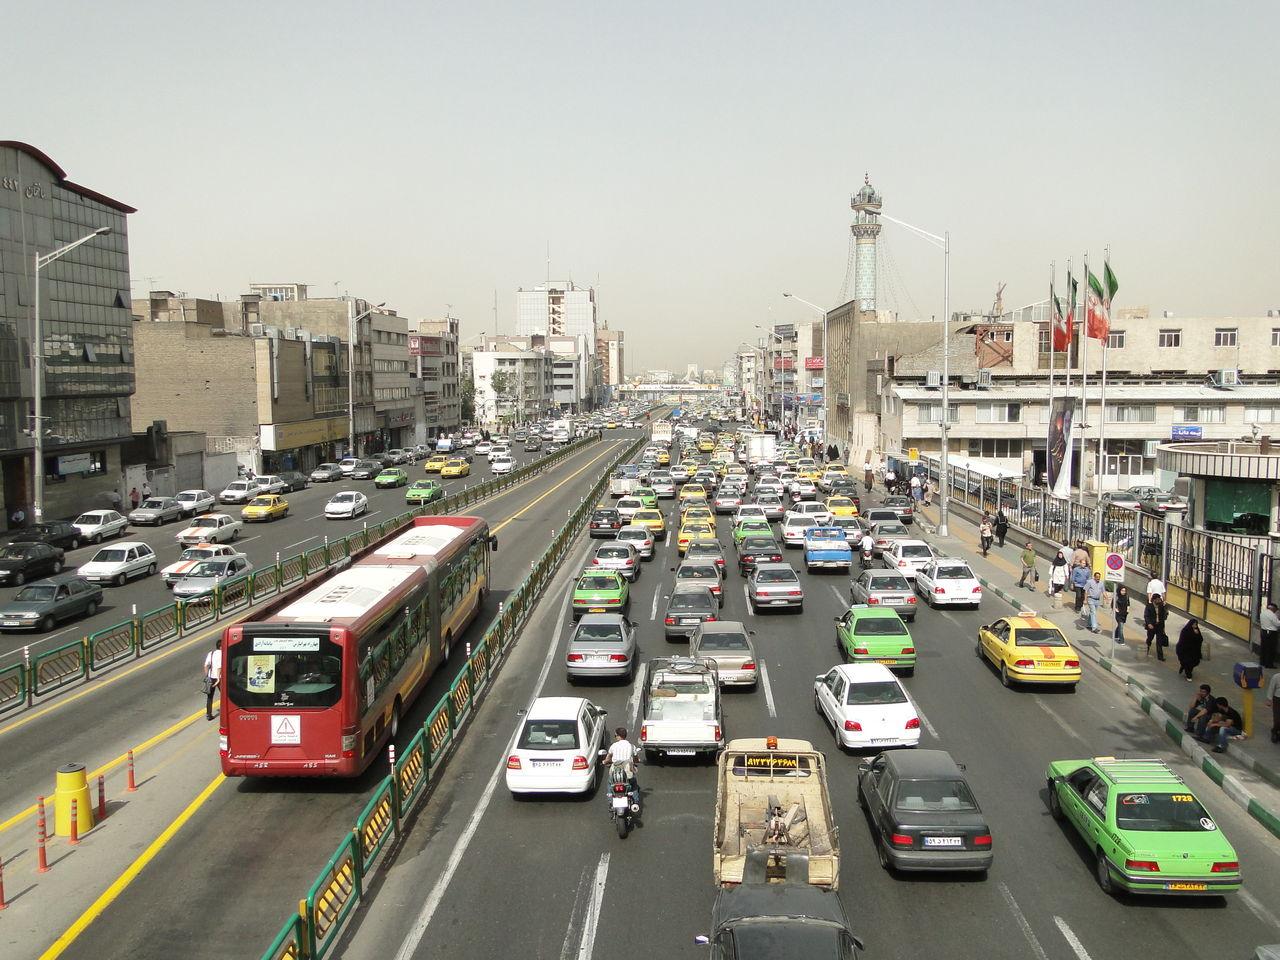 大都会テヘランを散策 - タジマ...